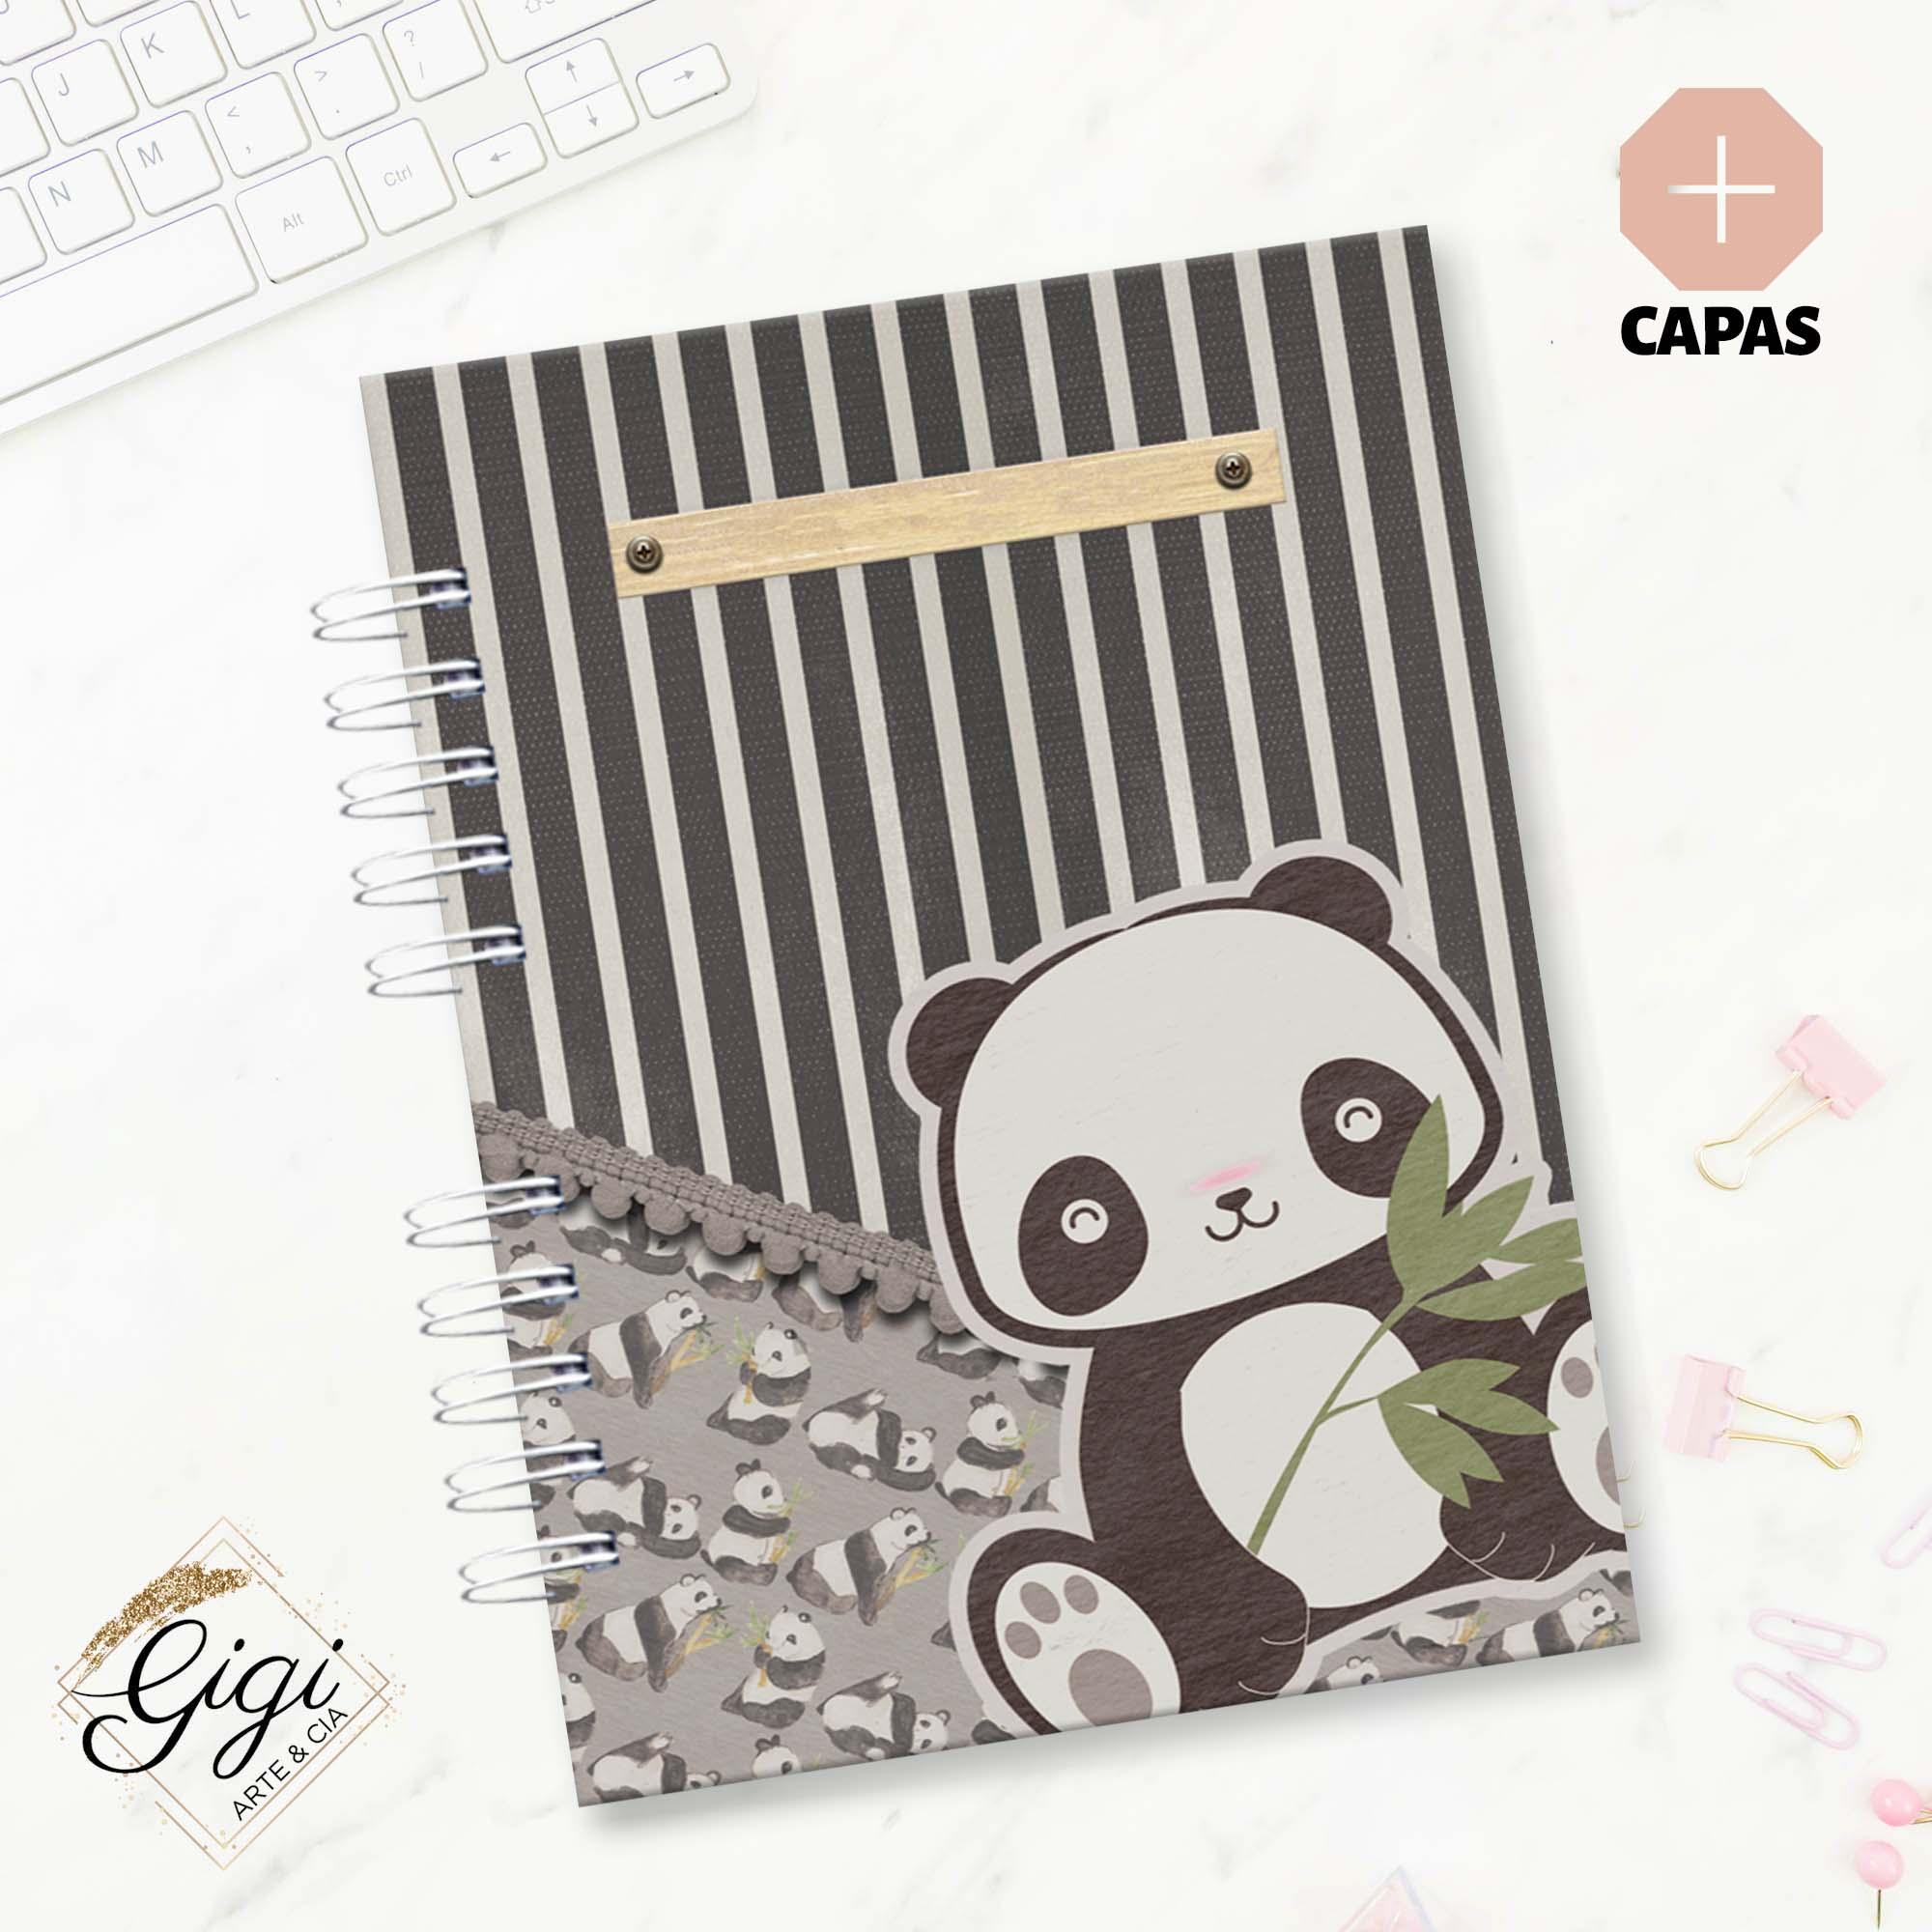 Agenda Permanente A5 - Panda  - Gigi Arte e Cia